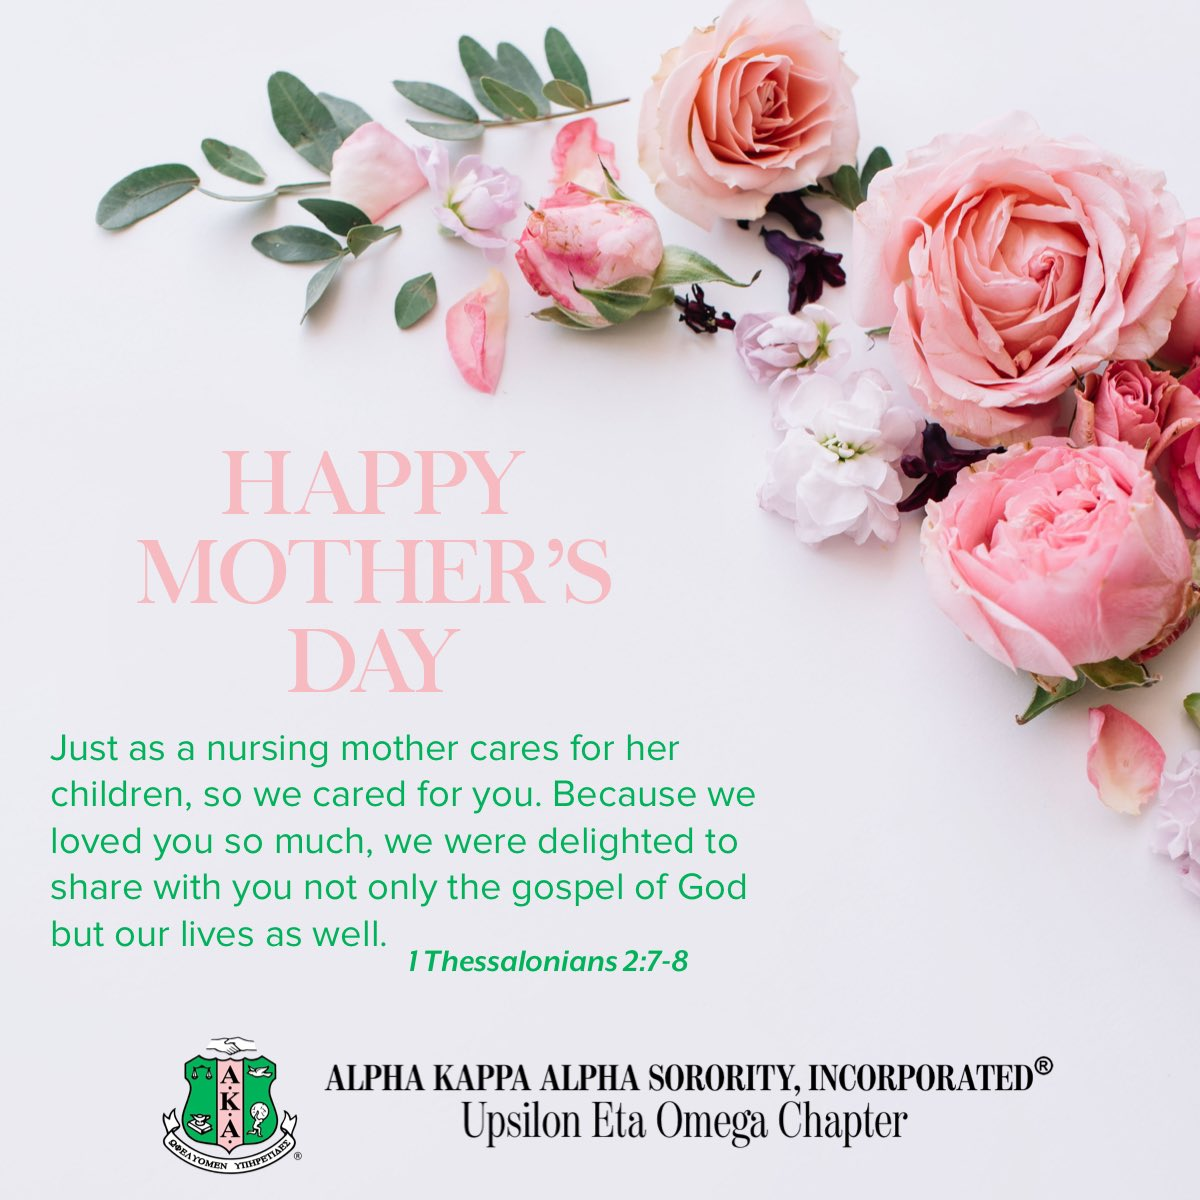 #AKA1908 #AKASouthEastern #AKAUEO #AKAUpsilonEtaOmega #MothersDaypic.twitter.com/sVXsWZFP4H